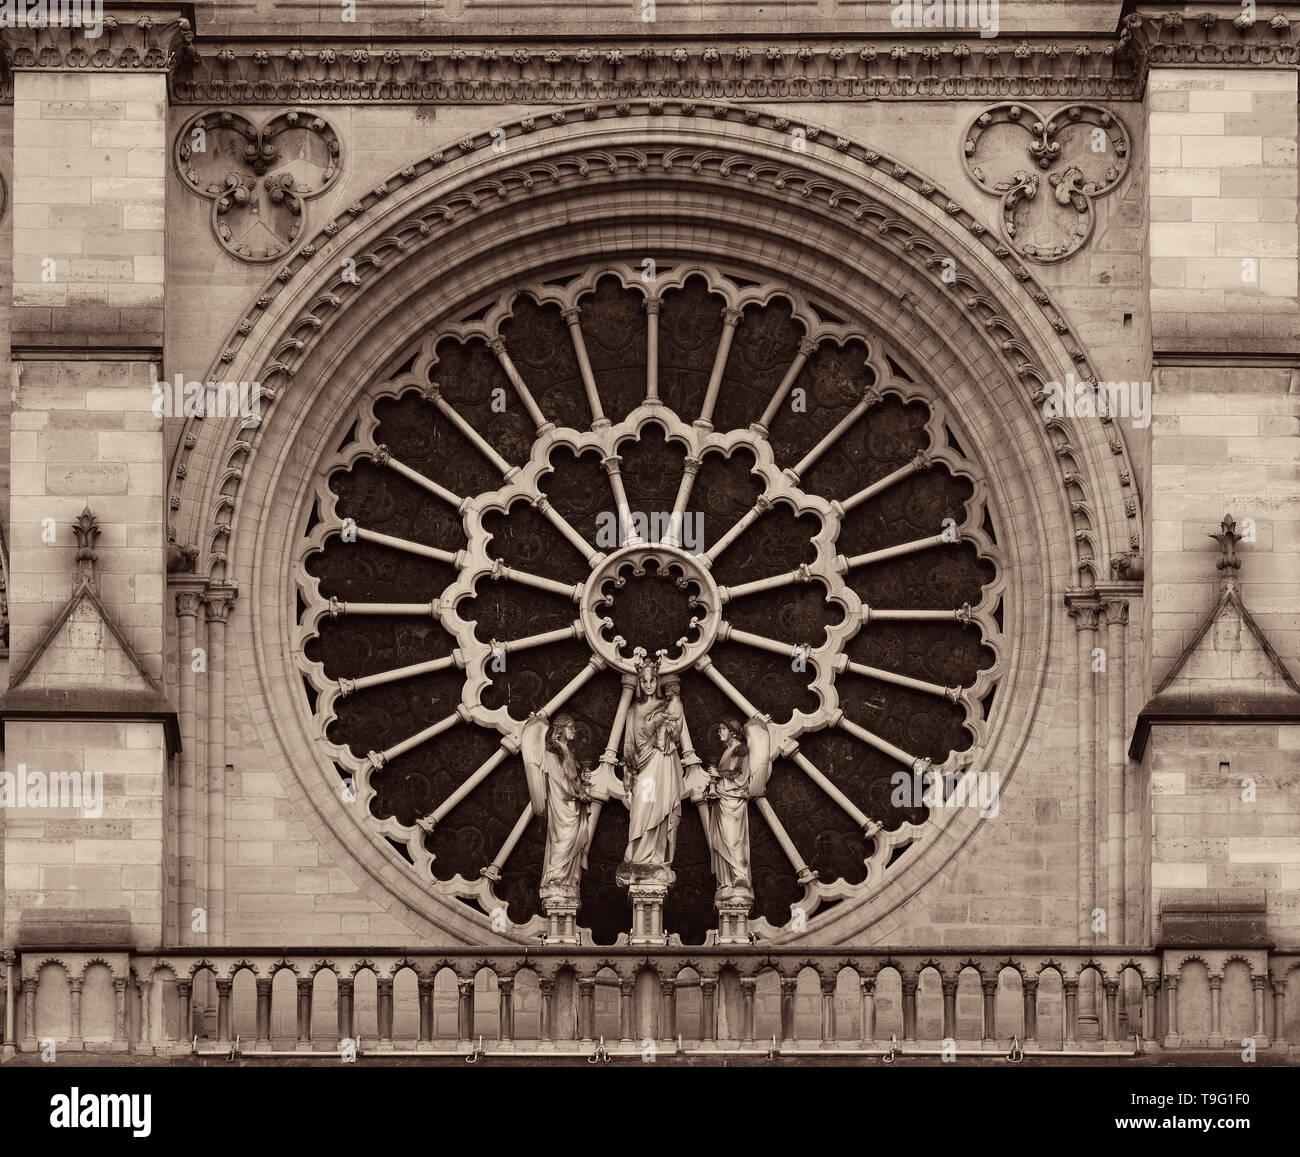 Notre Dame de Paris closeup view as the famous city landmark. - Stock Image